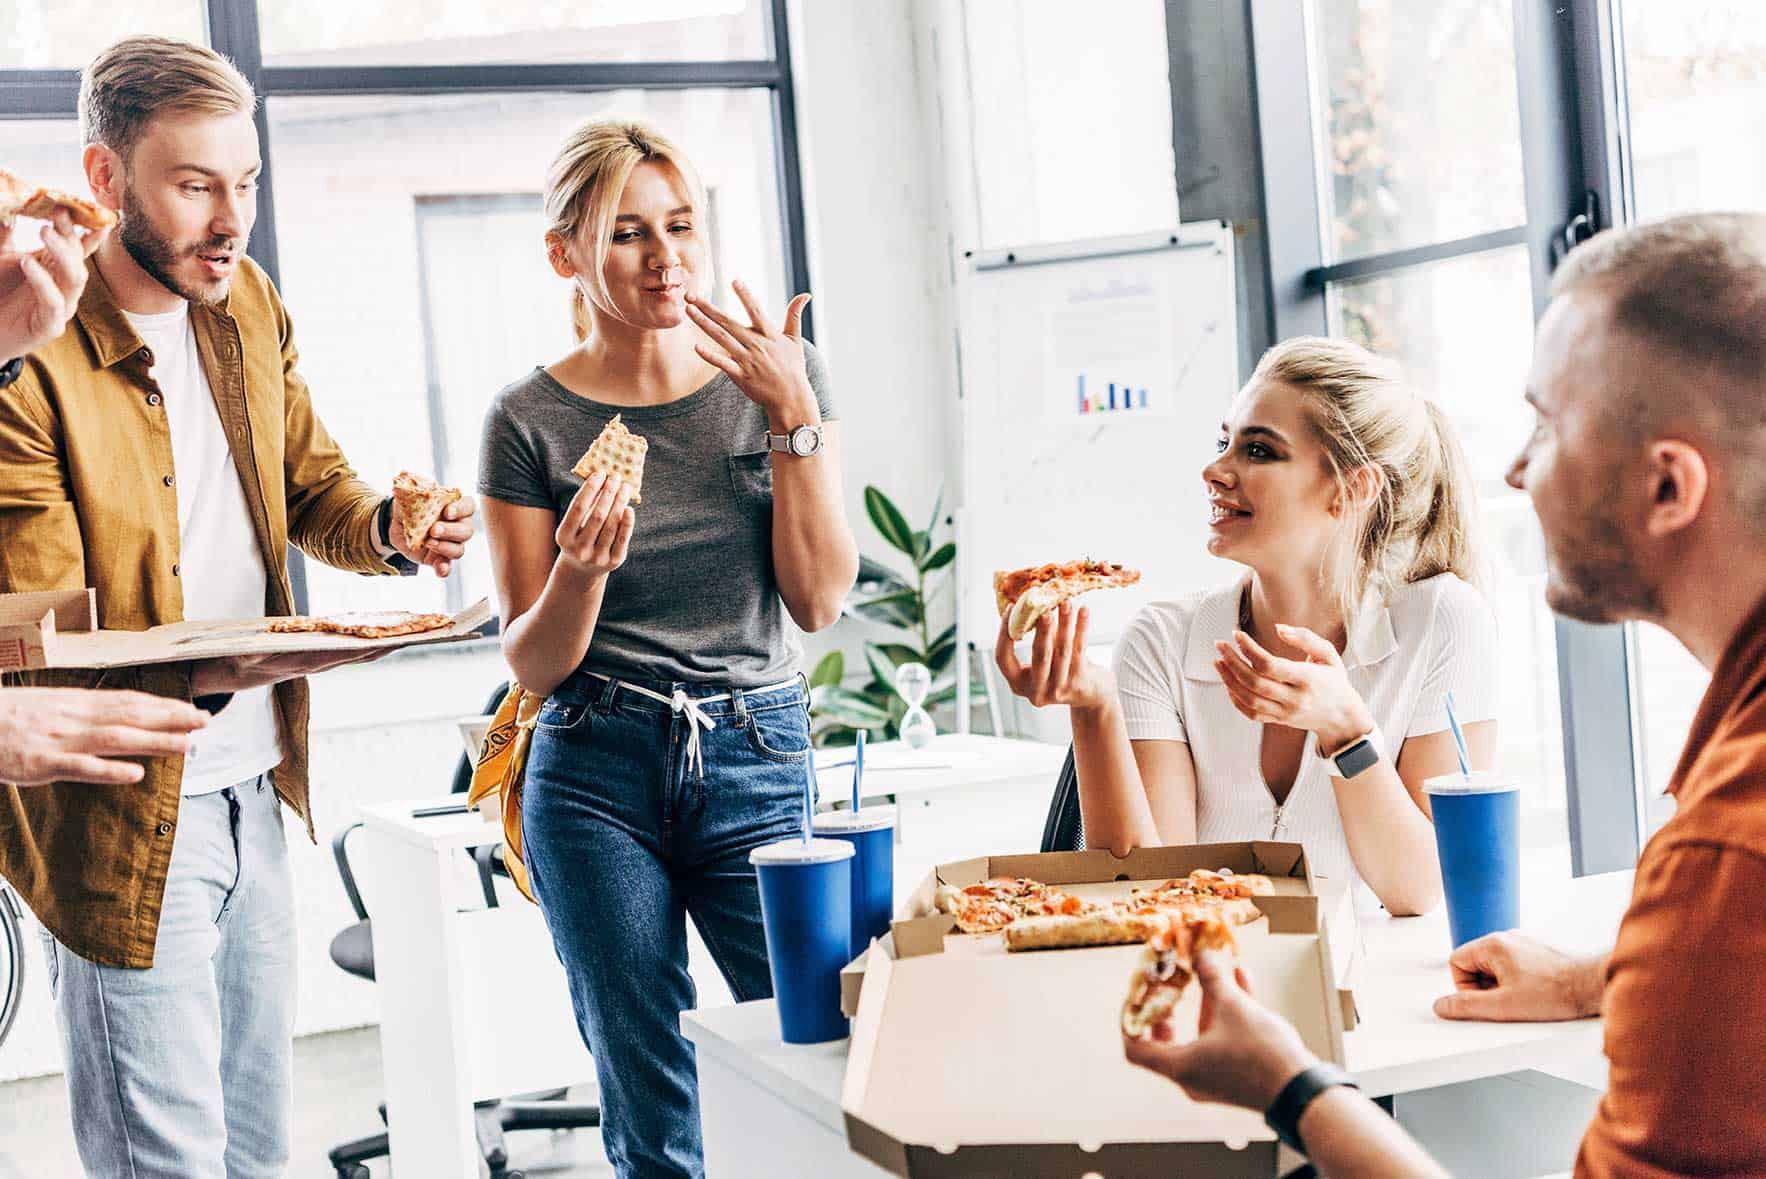 Αυτοφροντίδα φαγητό: Λόγοι για να μην παραλείψεις το διάλειμμά σου